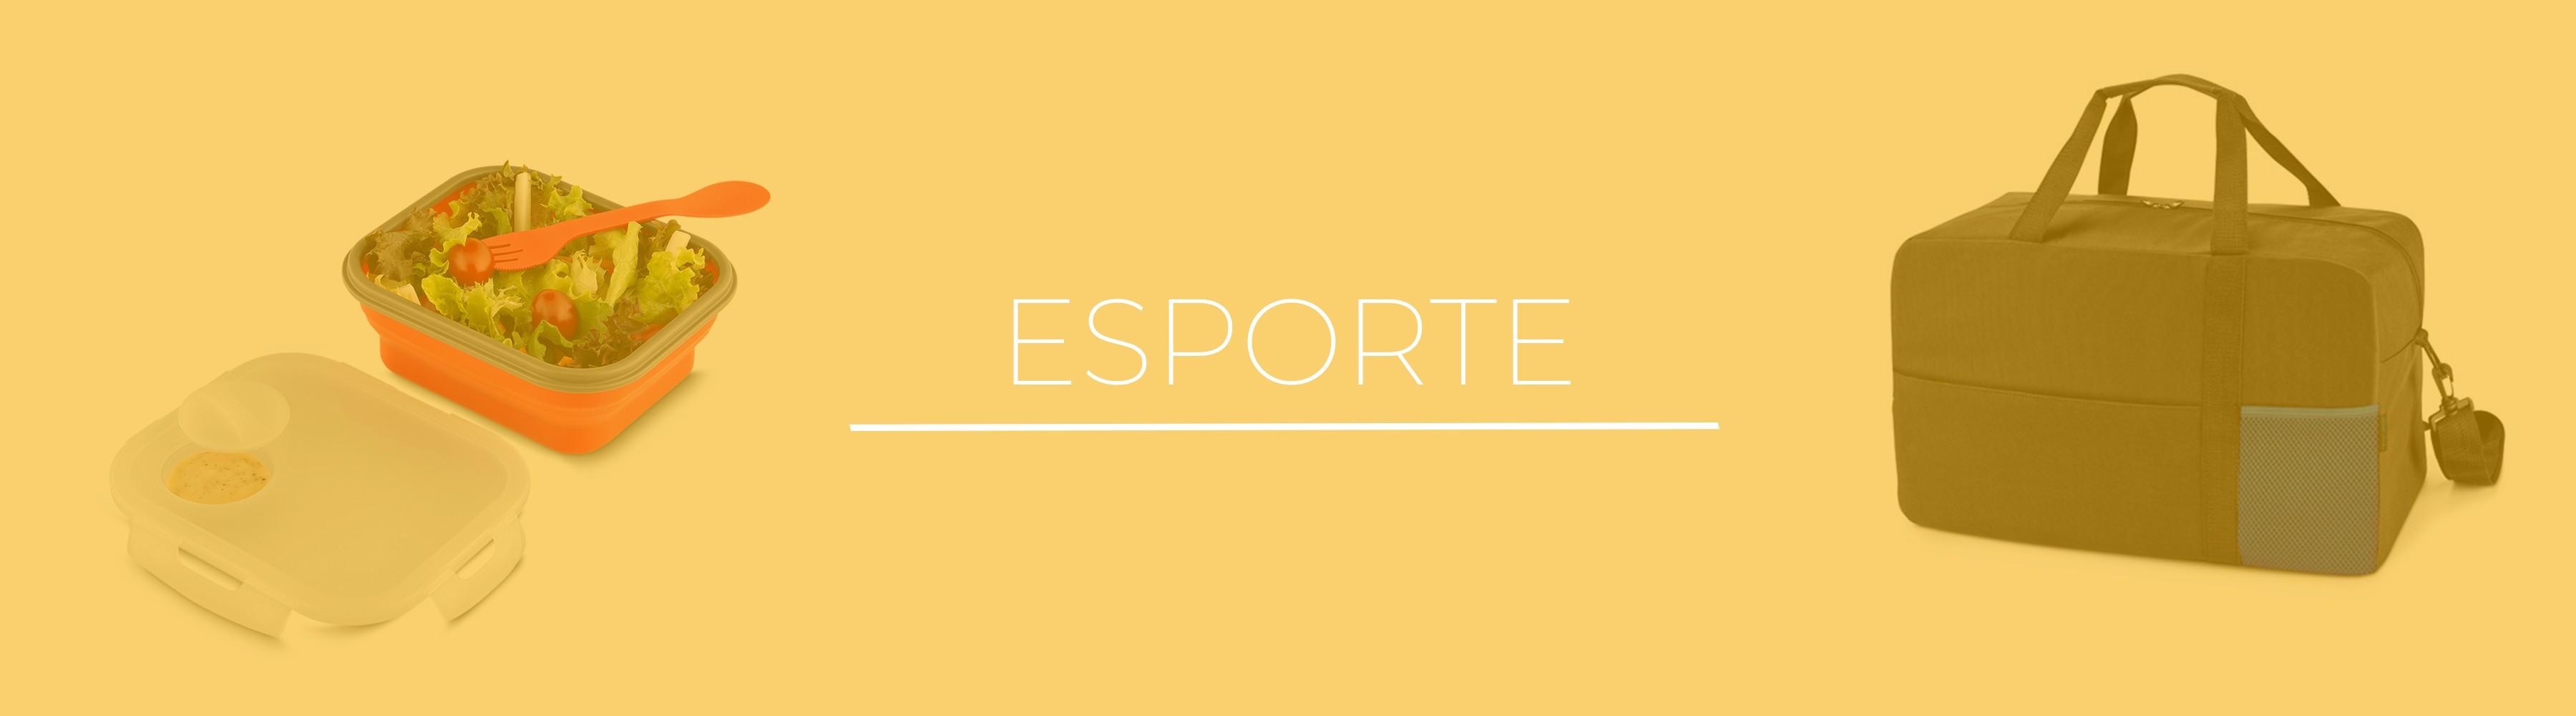 Banner Esporte